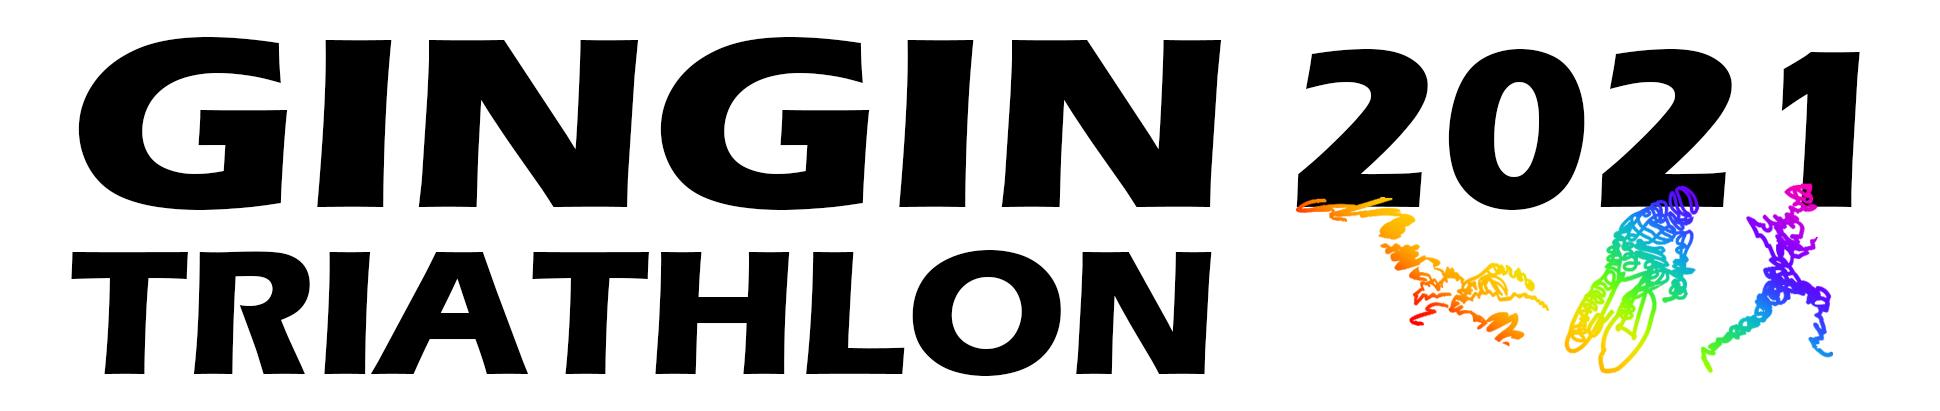 Gingin Biennial Triathlon